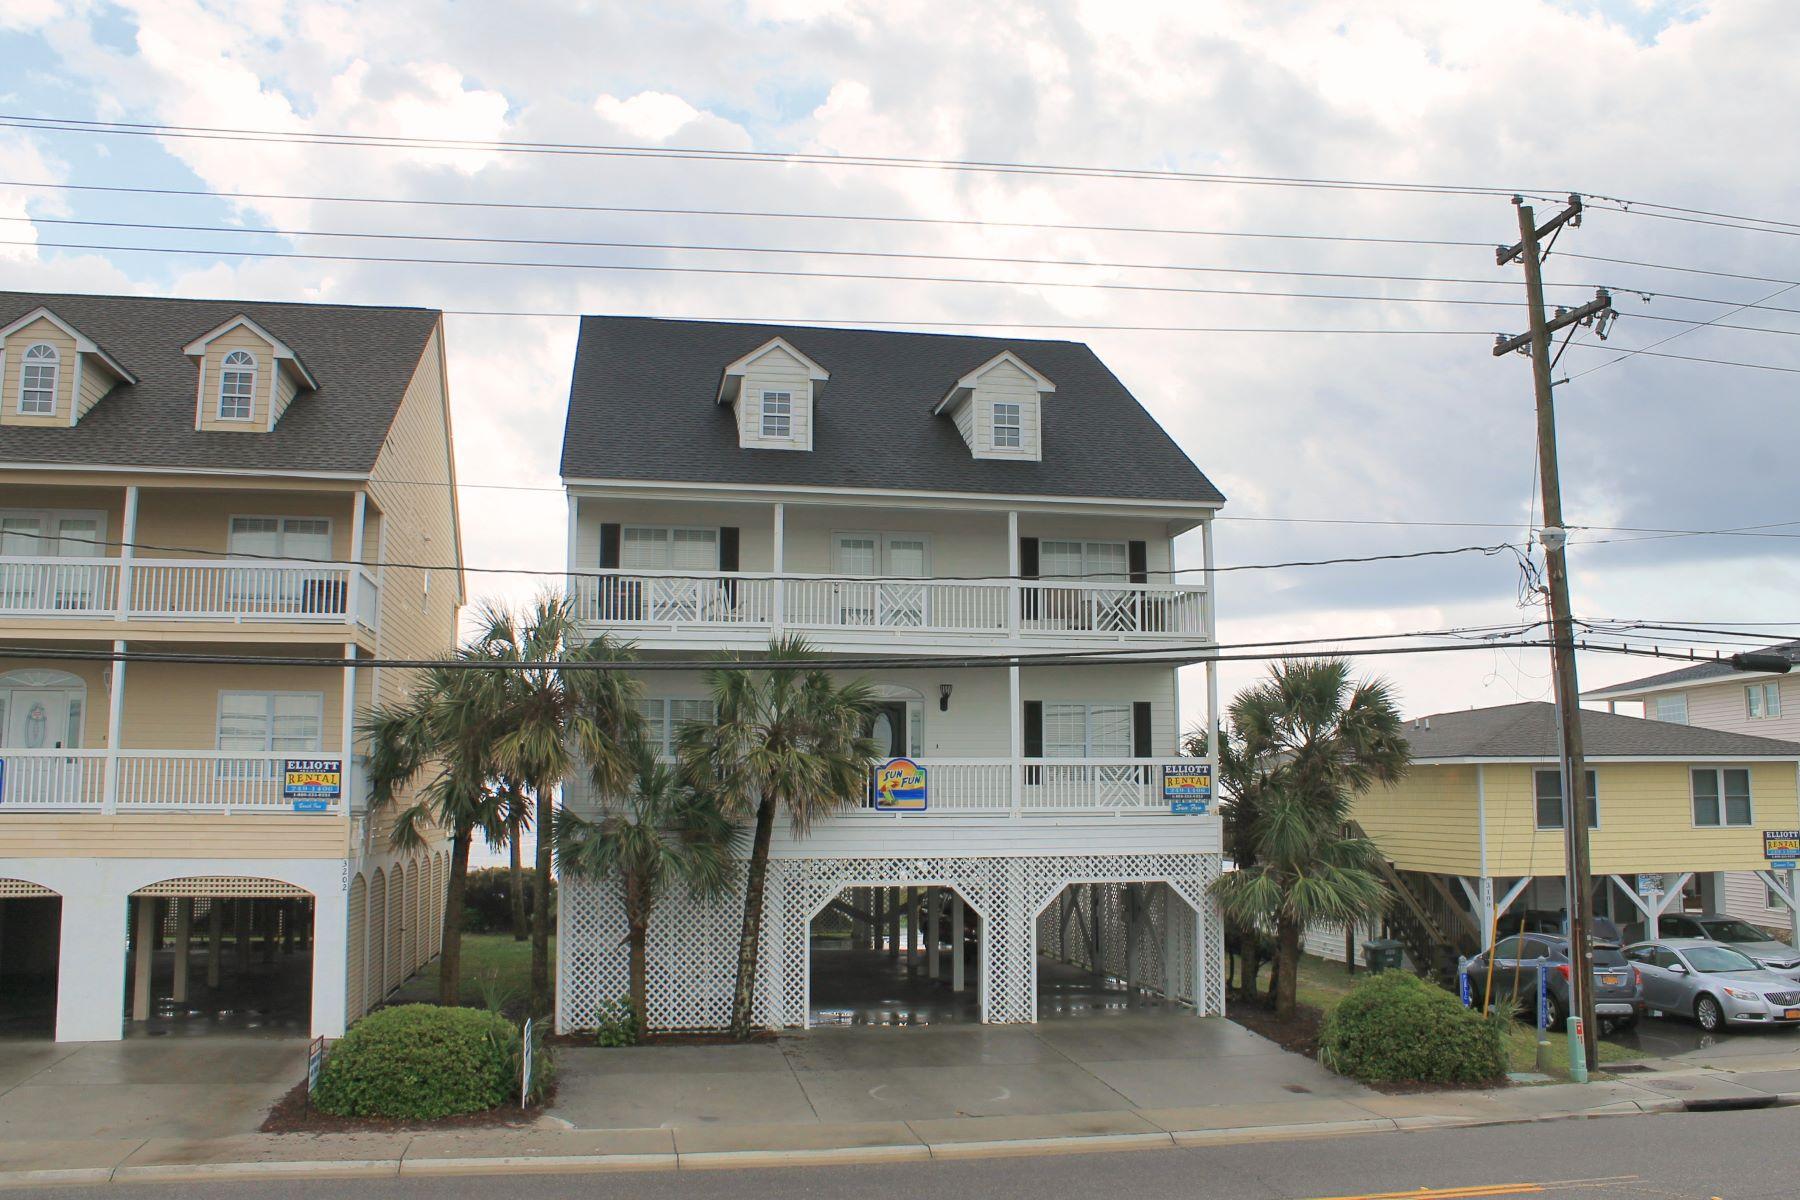 独户住宅 为 销售 在 Harmonious Beachfront Home 3200 N Ocean Blvd North Myrtle Beach, 南卡罗来纳州, 29582 美国